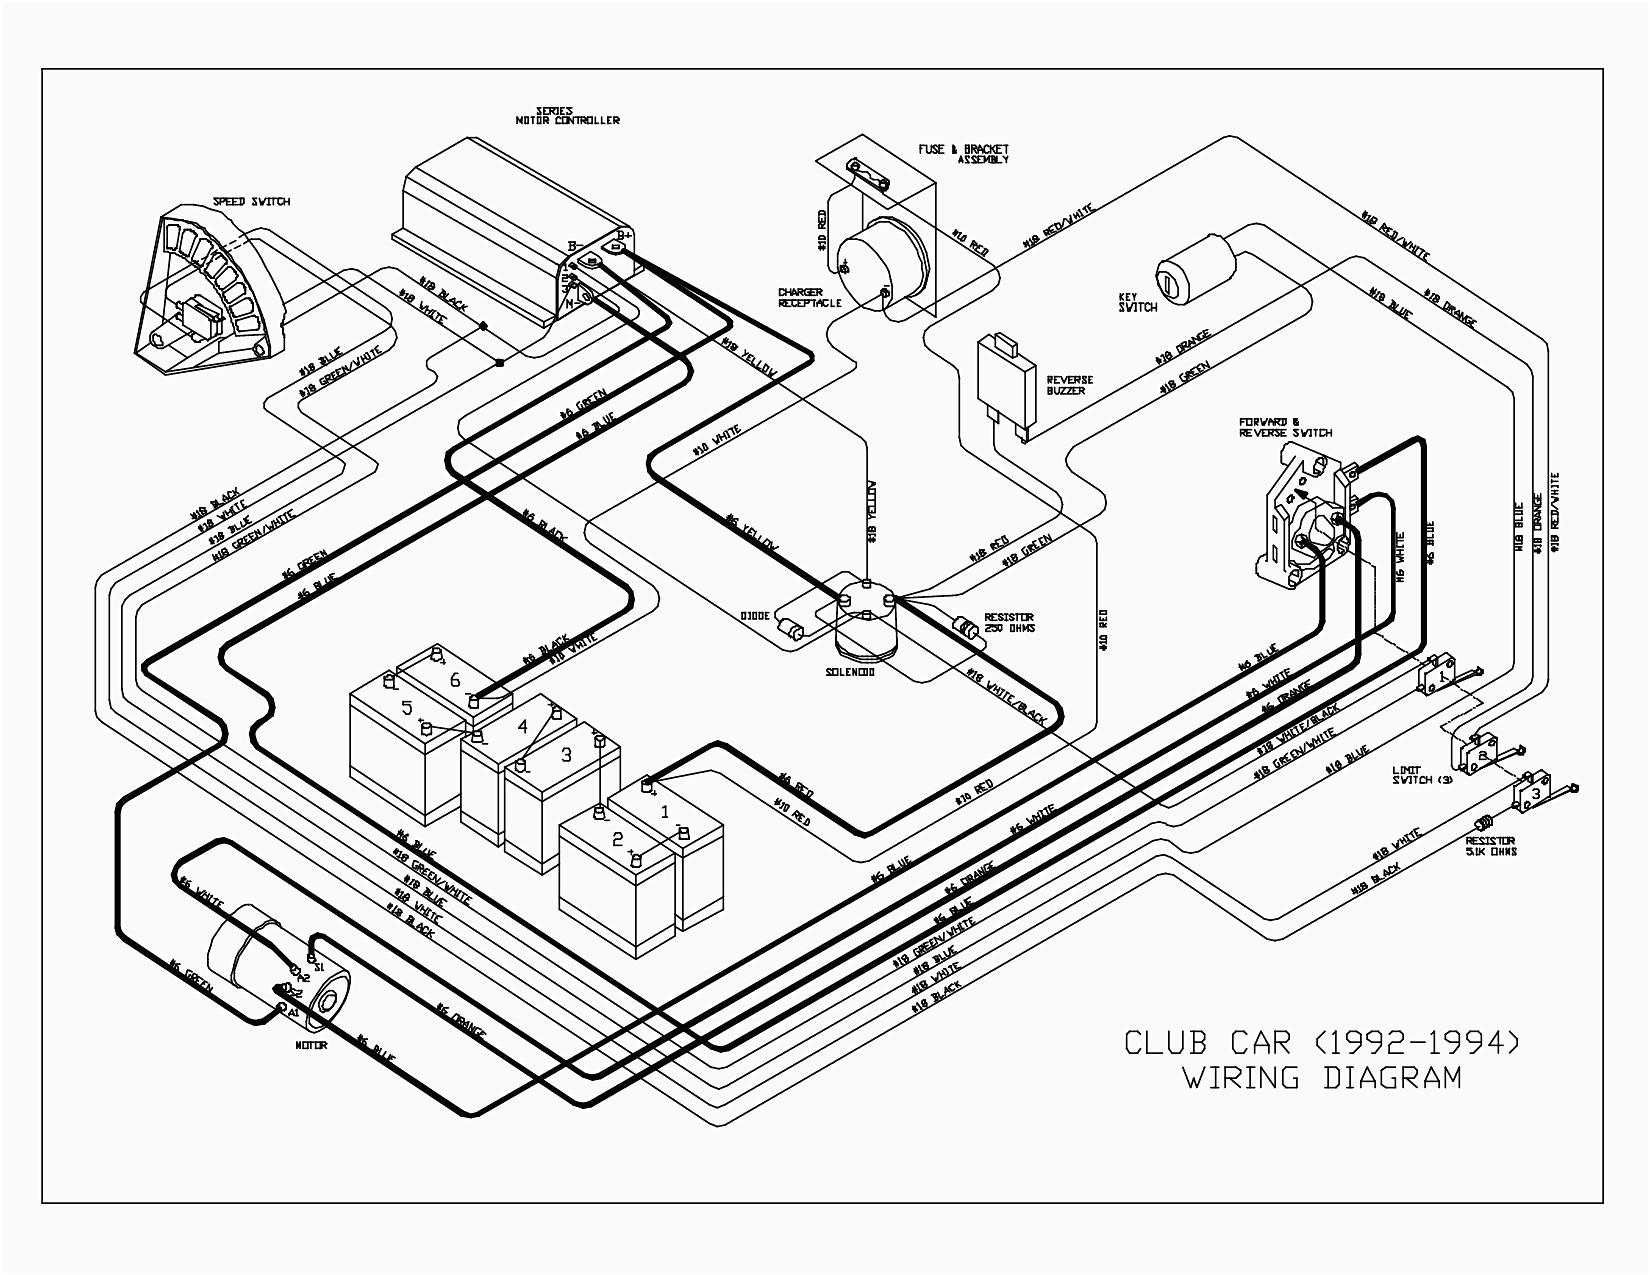 Club Car Parts Diagram Ingersoll Rand Club Car Wiring Diagram In Luxury Parts 43 Inside